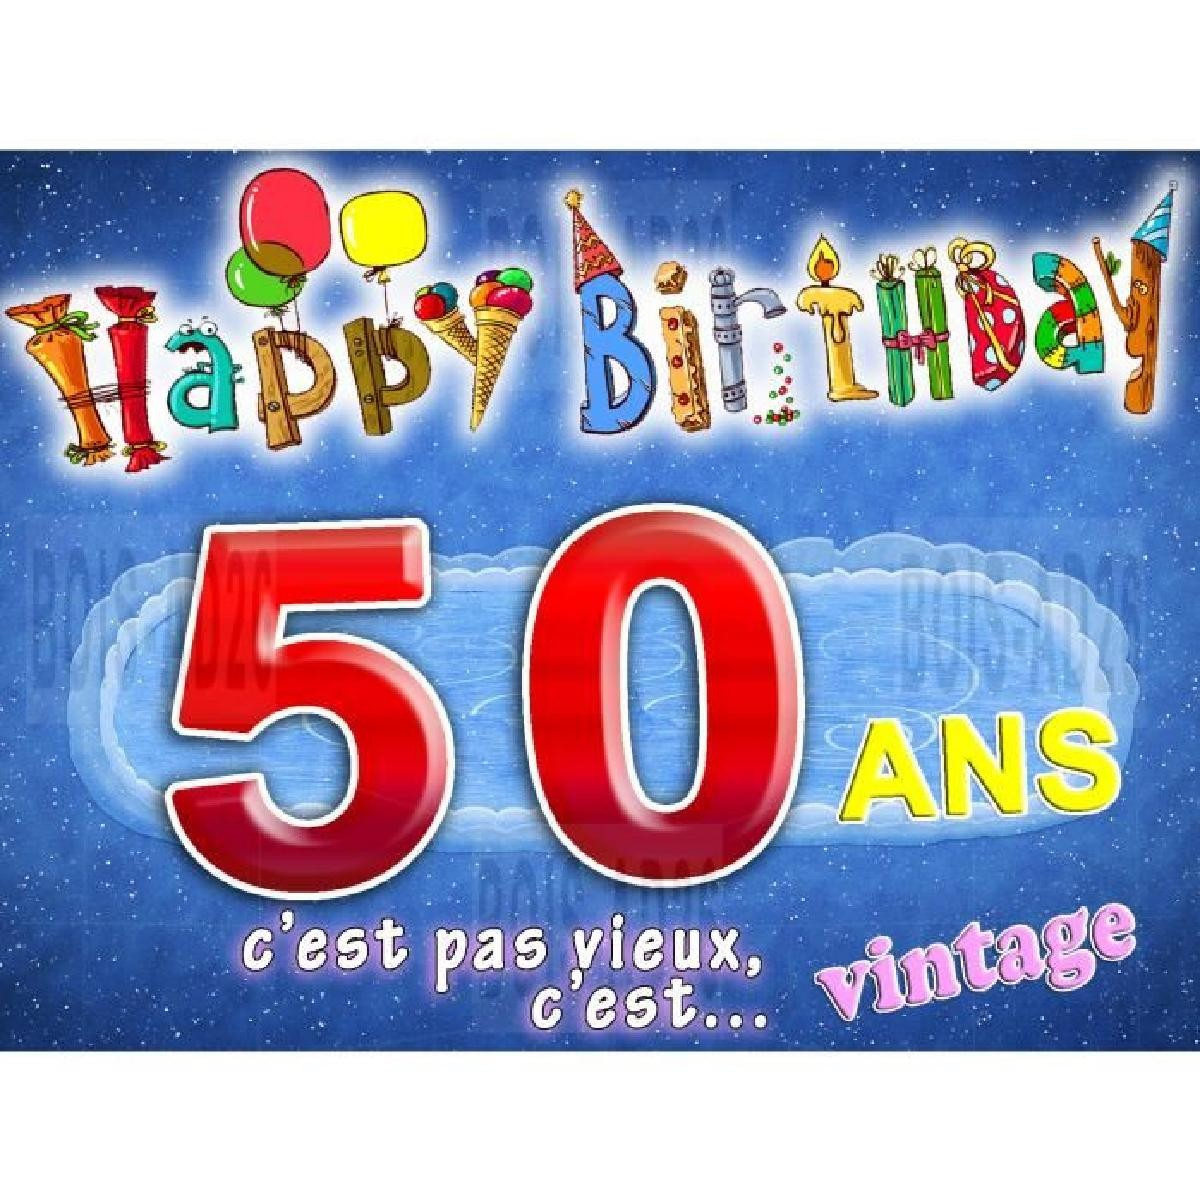 carte anniversaire 50 ans humoristique Carte anniversaire à imprimer gratuitement 50 ans